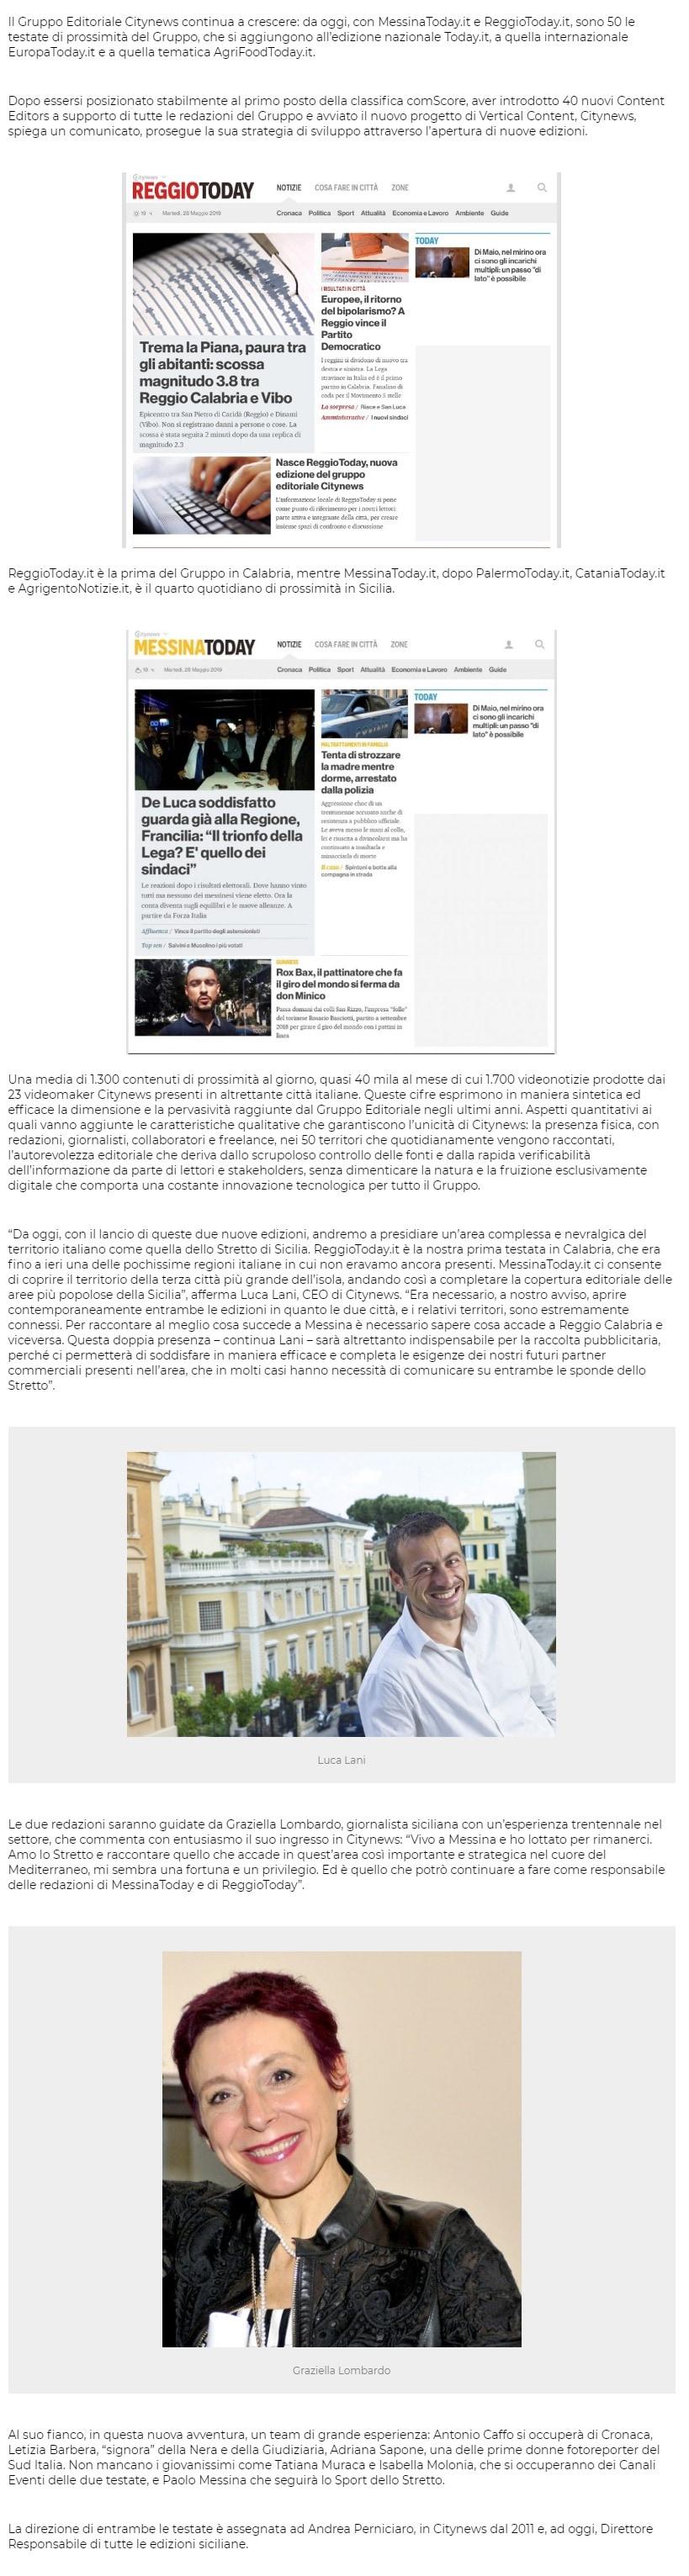 Citynews vara MessinaToday.it e ReggioToday.it. Le testate locali del gruppo diventano cinquanta - PrimaOnline, 28 maggio 2019-2